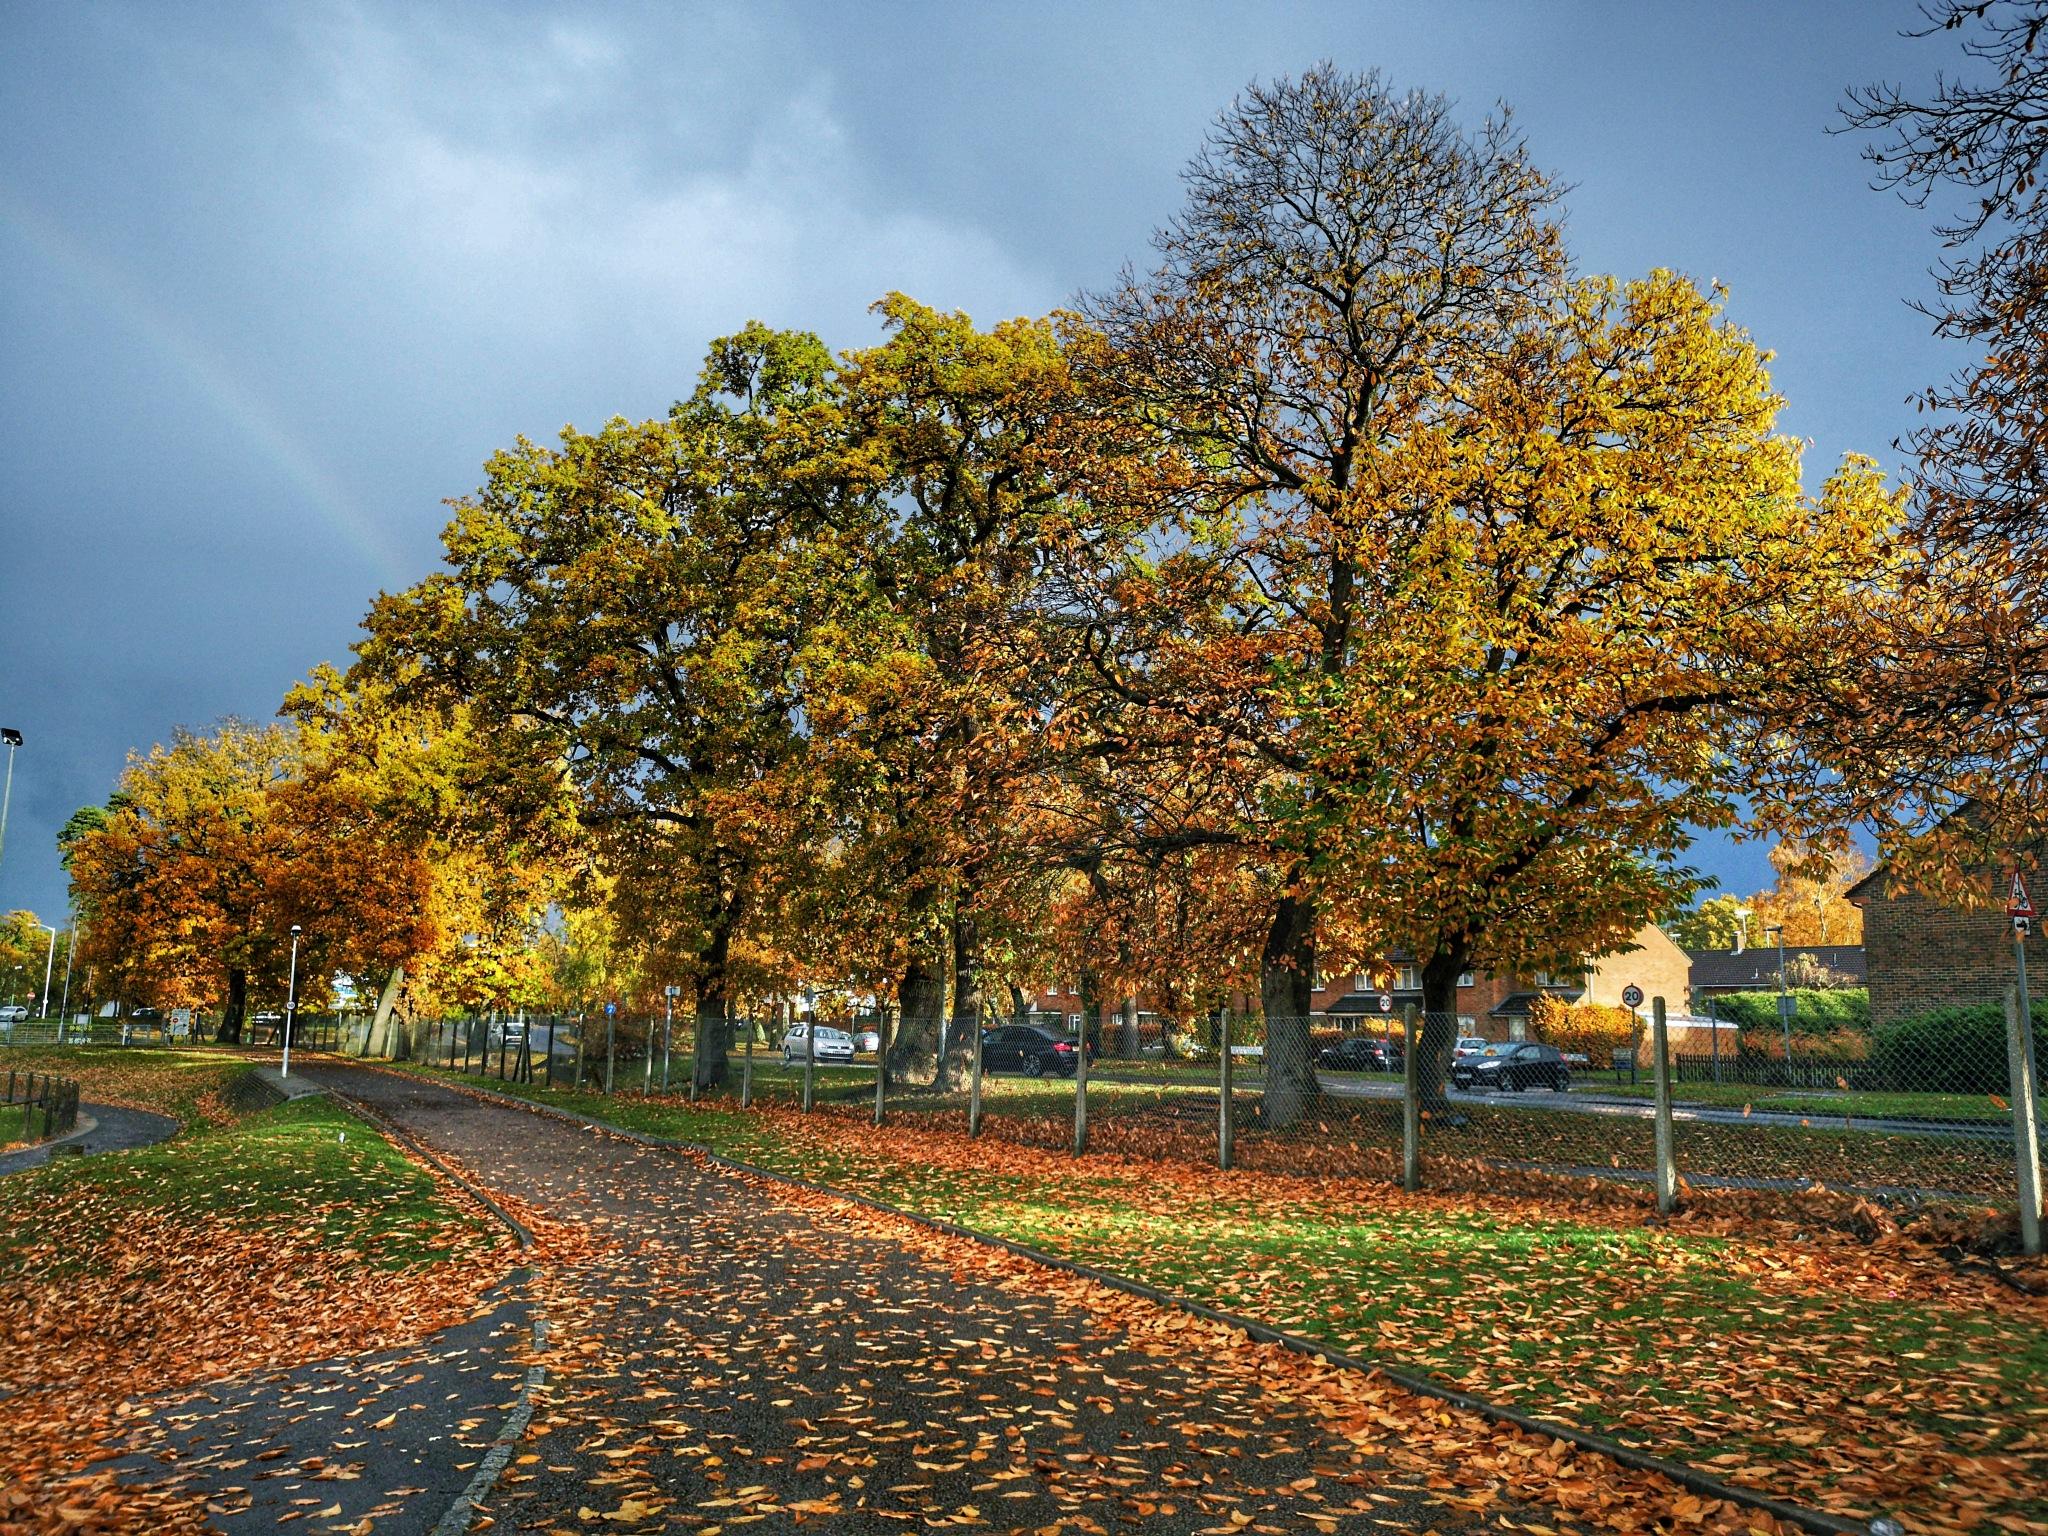 Walk in the rain 4 by Thomas White Photos